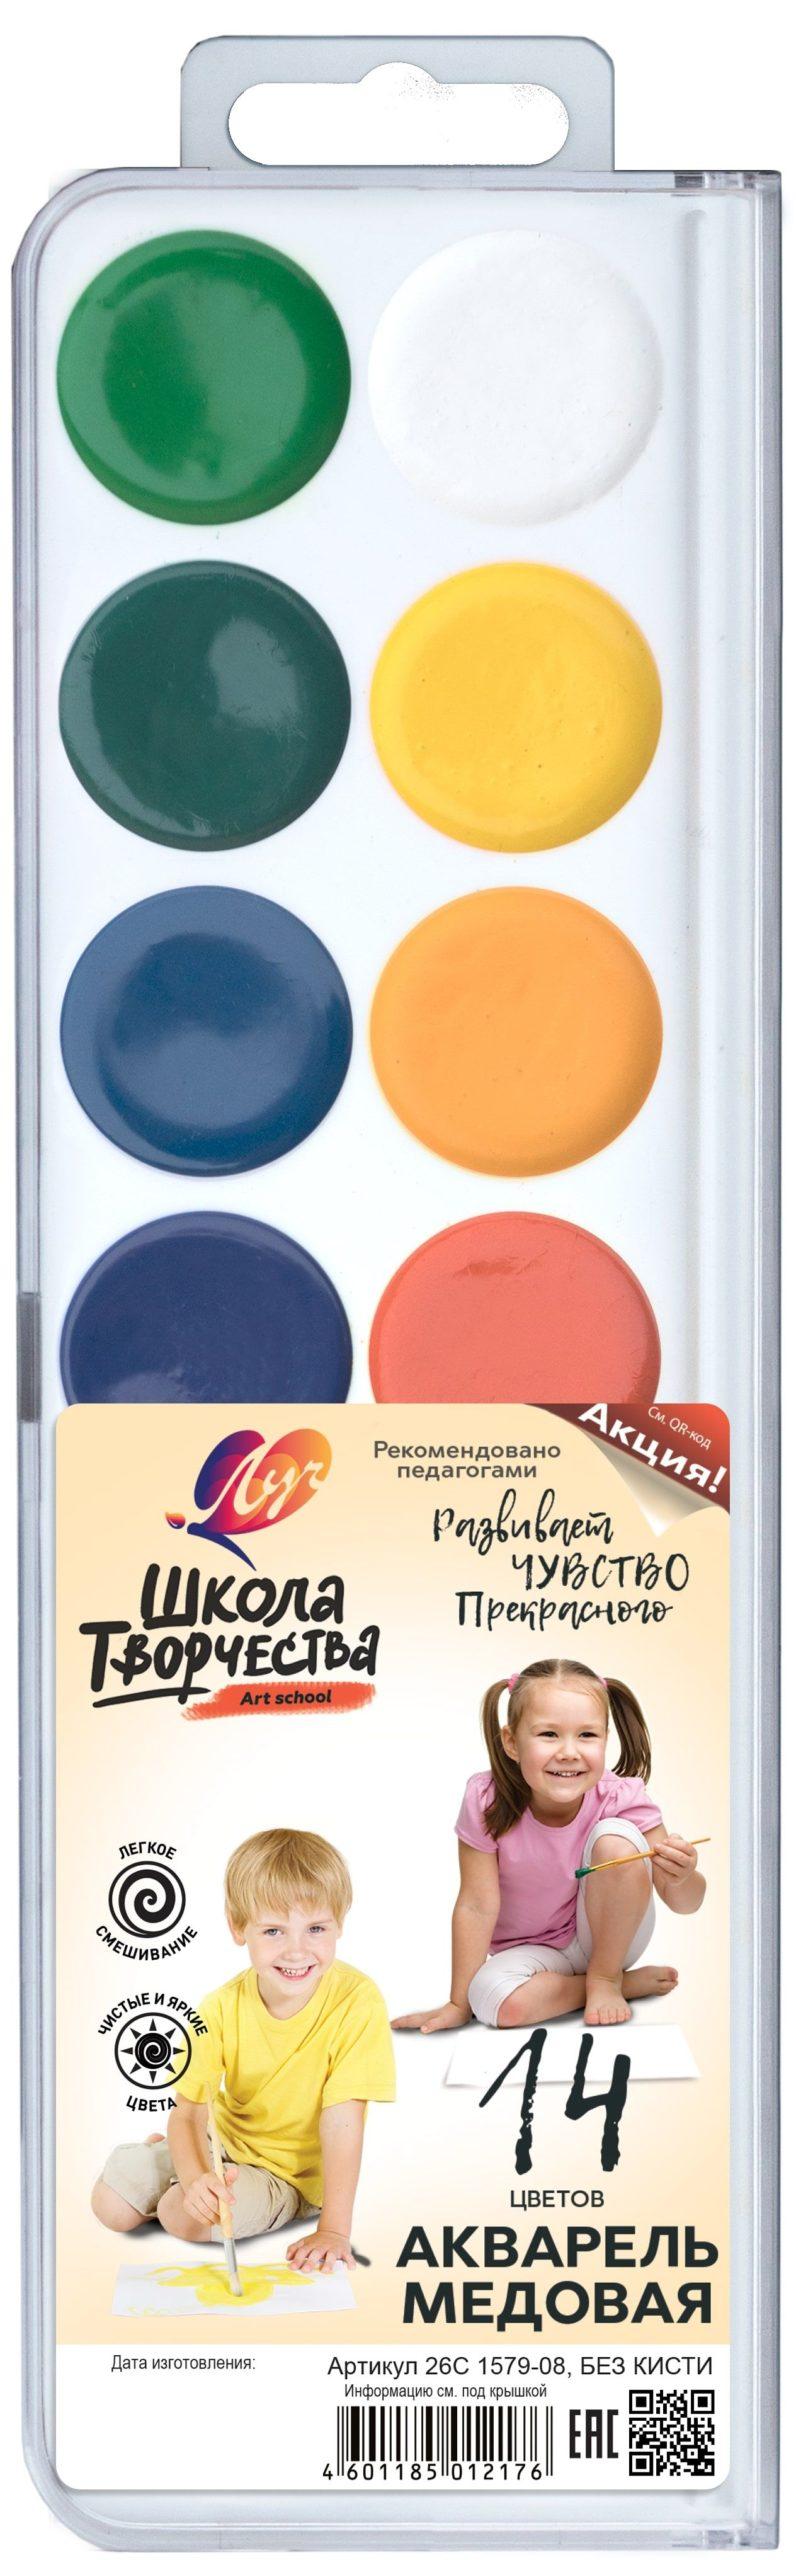 Акварель ЛУЧ ШКОЛА ТВОРЧЕСТВА, 14 цветов, пластиковая упаковка, без кисти, европодвес